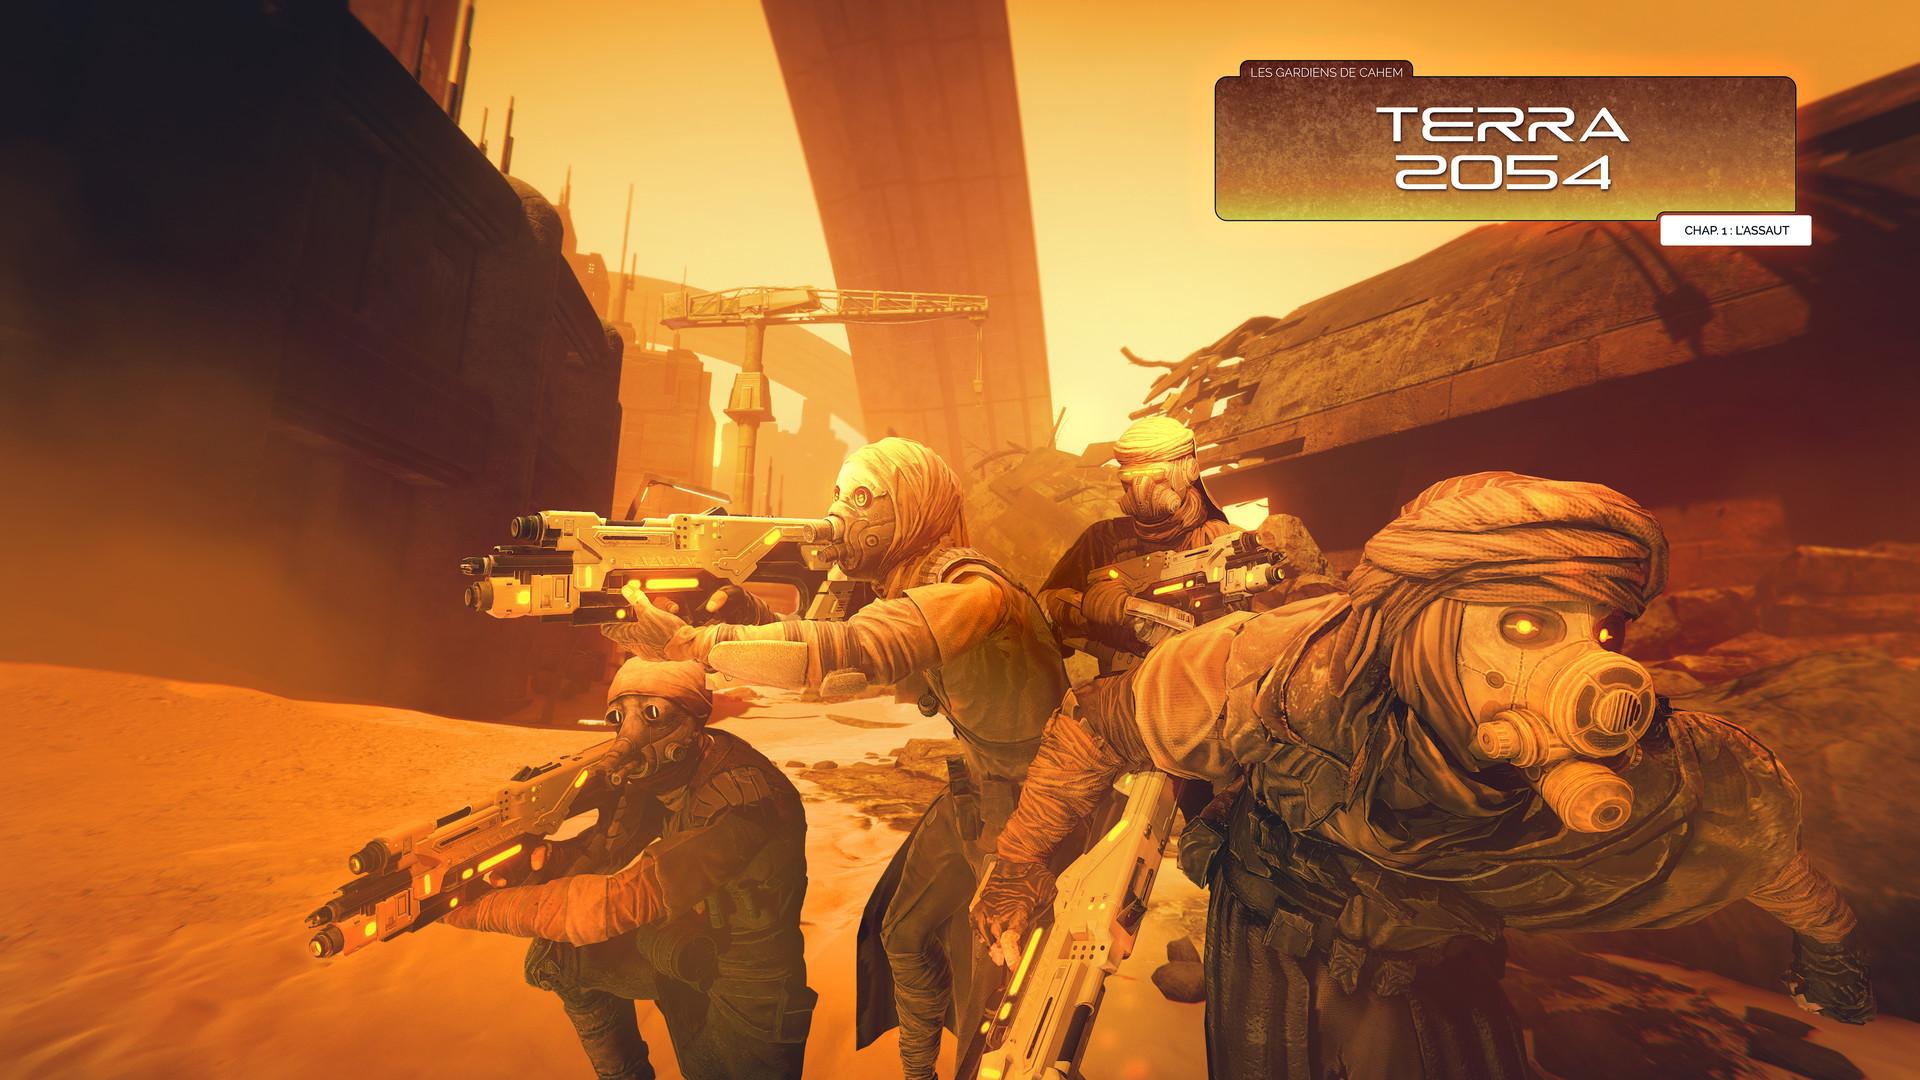 Cahem FPS - Experience VR - Terra 2054